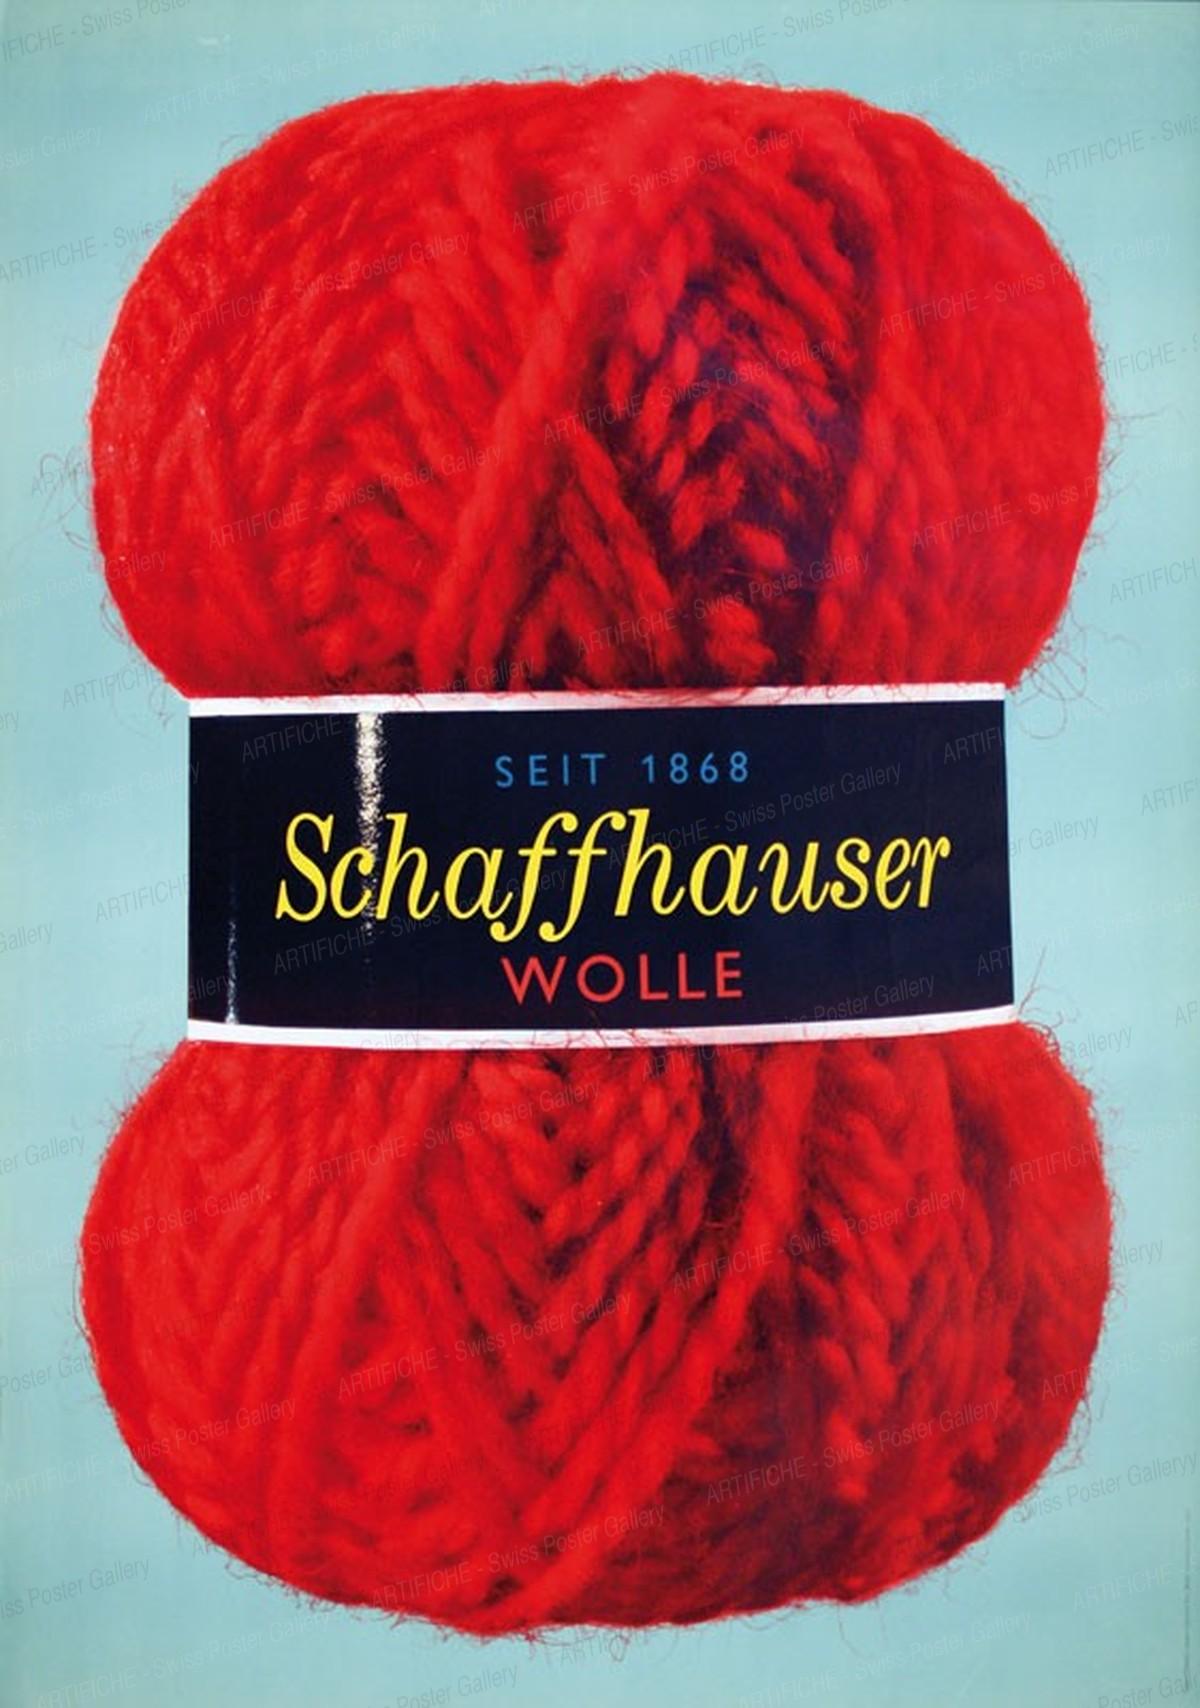 Seit 1868 Schaffhauser Wolle, Herbert Leupin